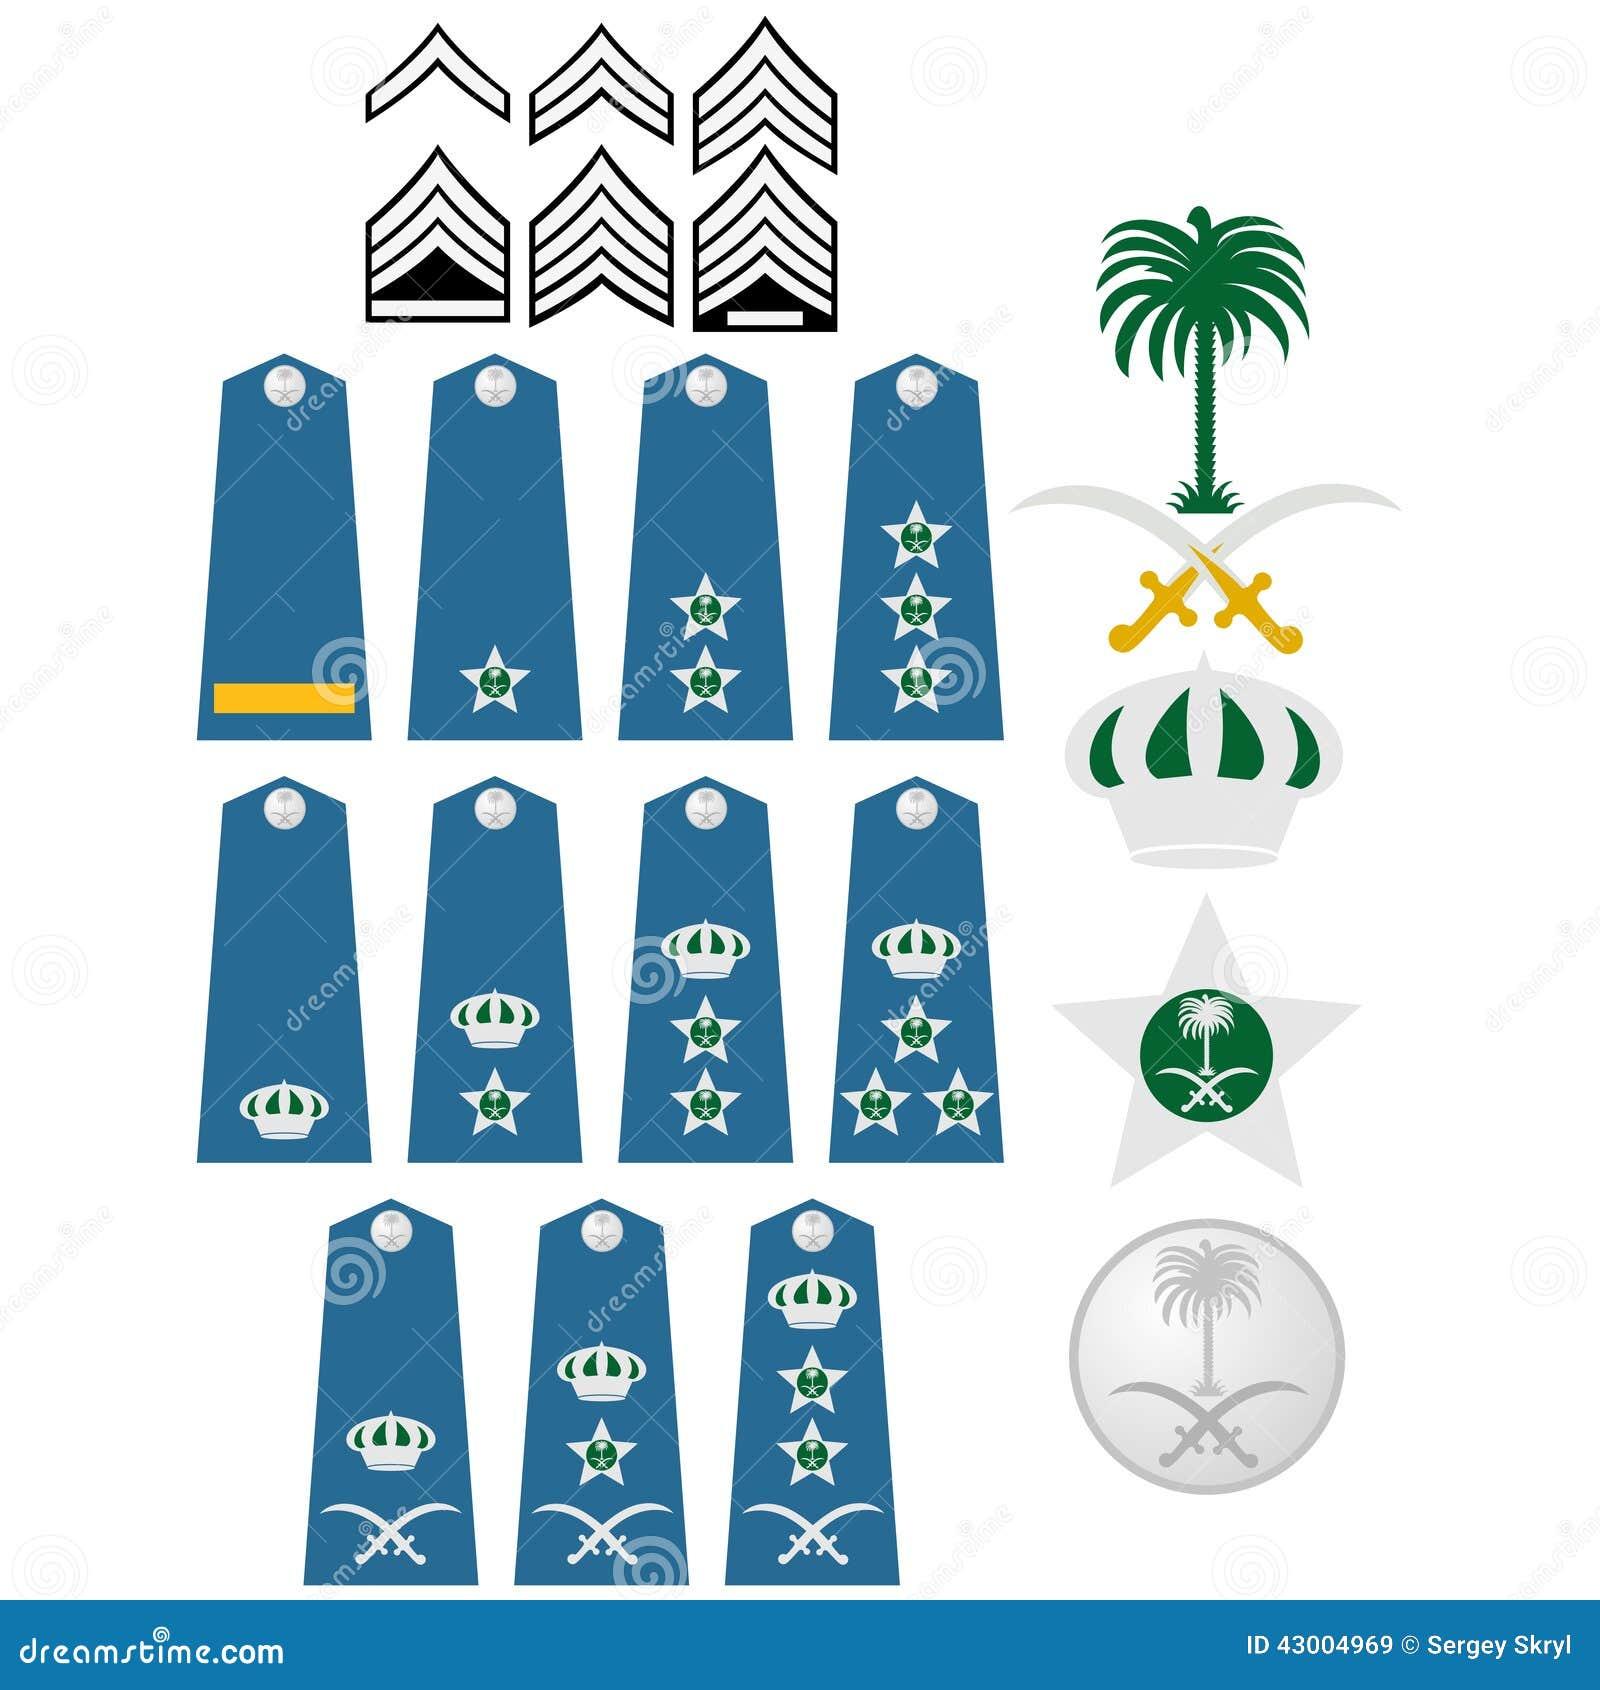 Air Force Insignia Saudi Arabia Stock Vector - Image: 43004969